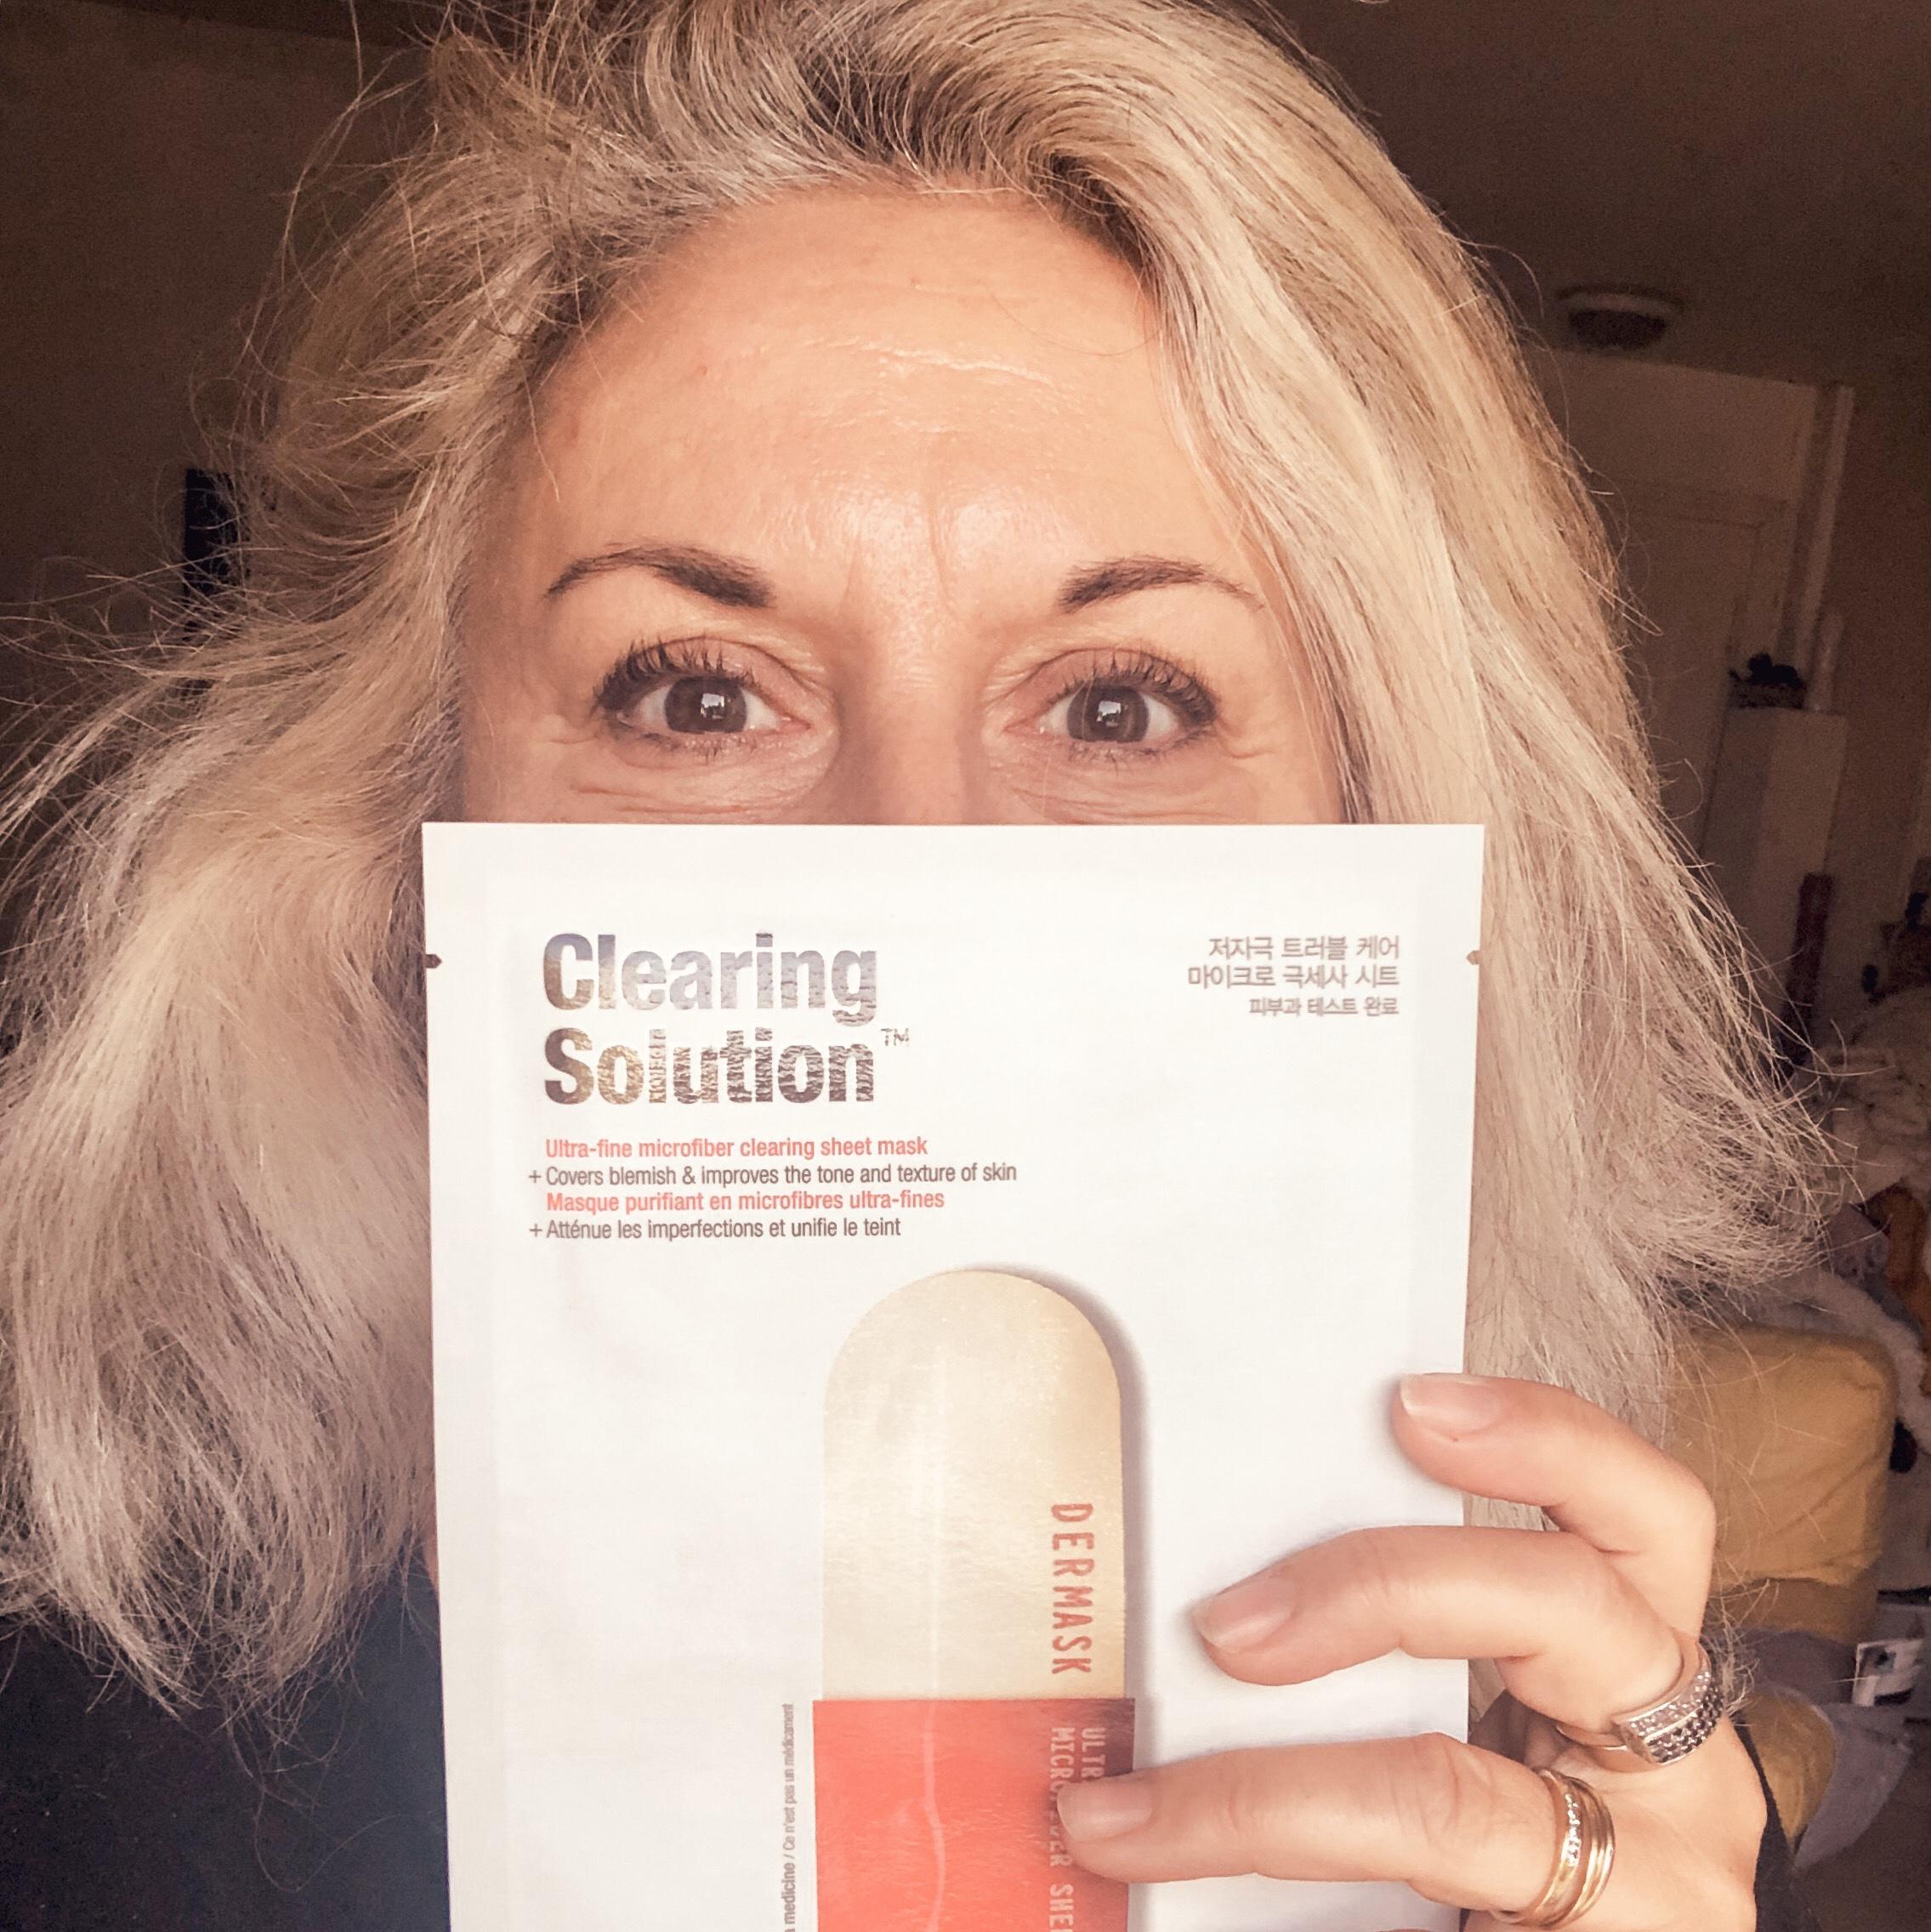 Le mask challenge : masque du Dr Jart Clearing solution